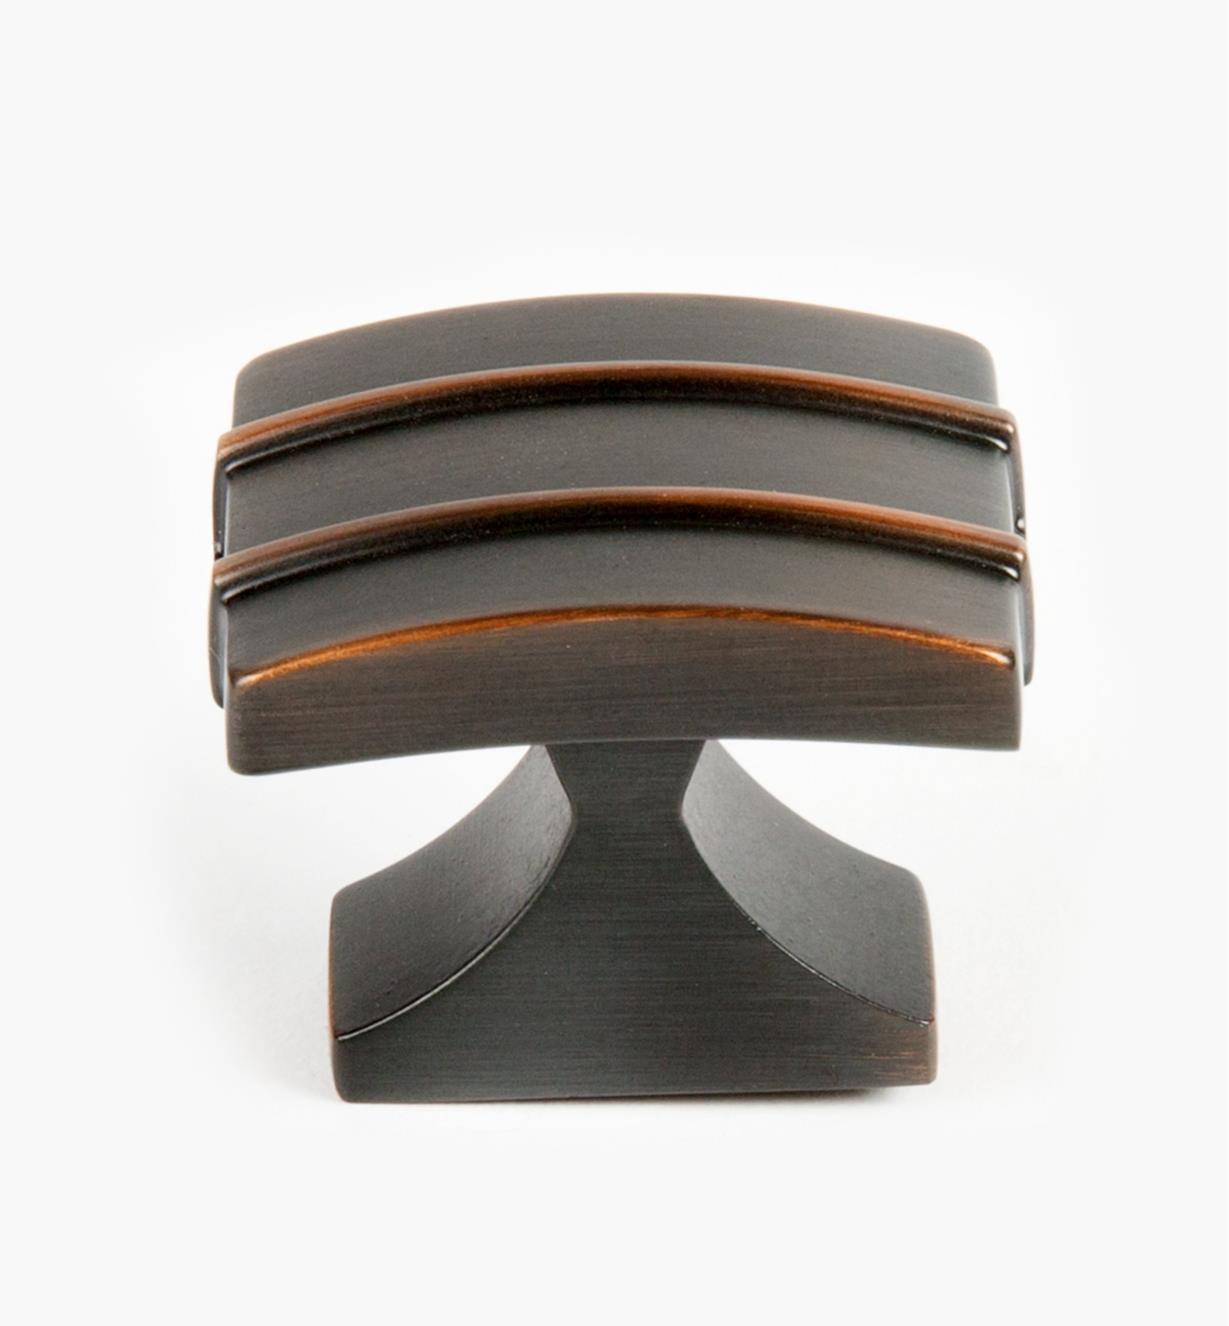 02A1436 - Grand bouton Davenport, 11/2po x 11/4po, bronze huilé, l'unité